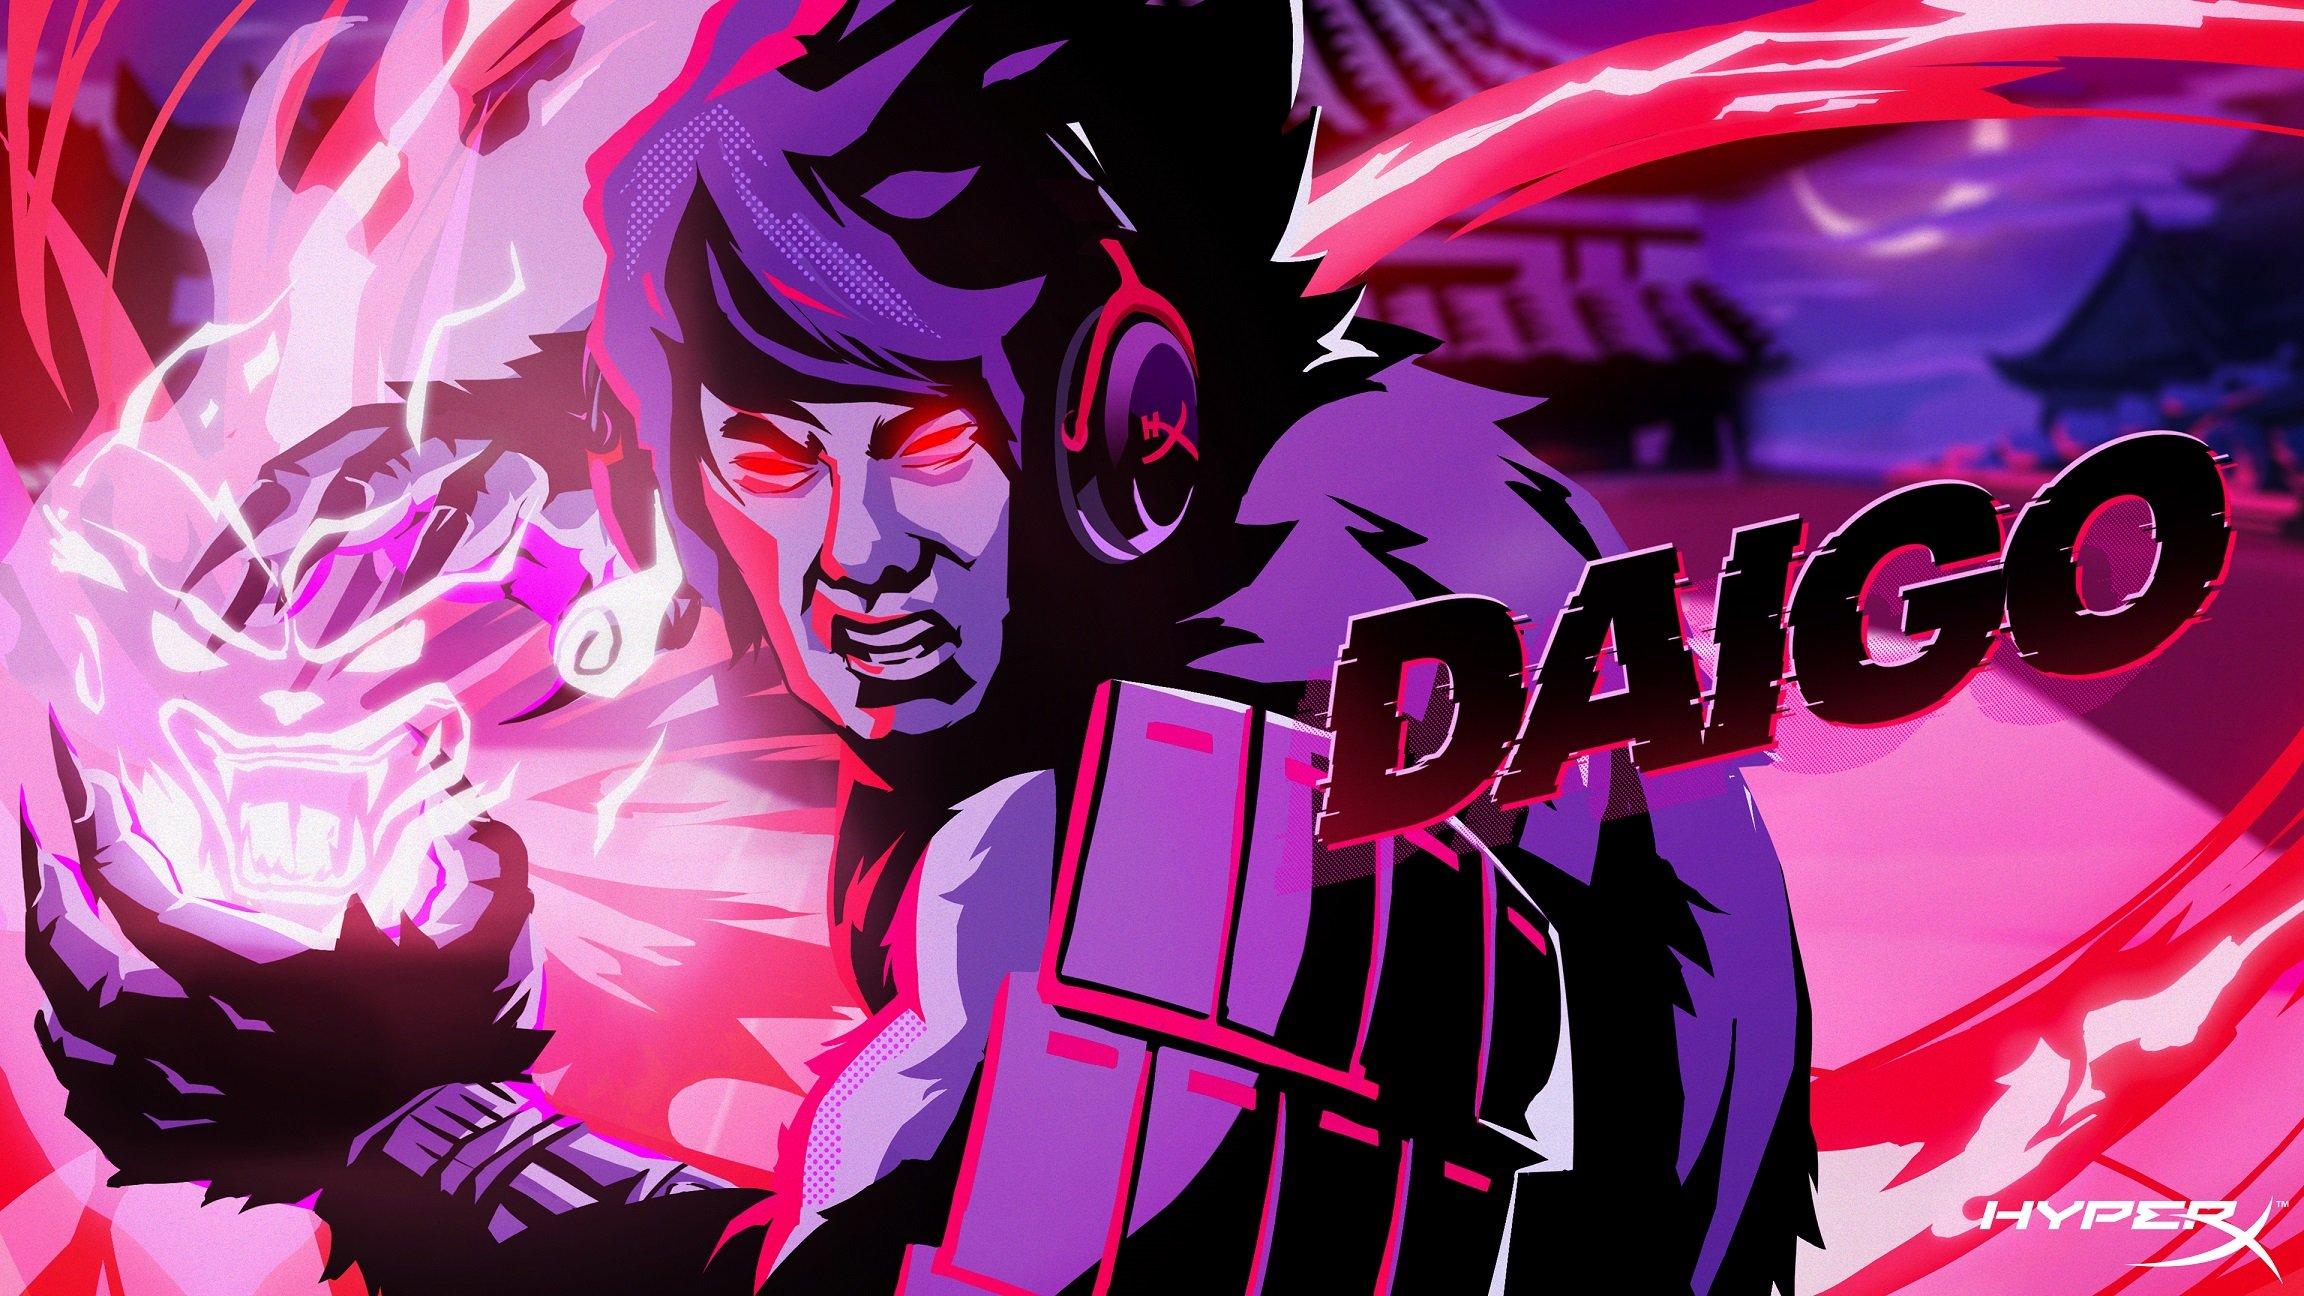 HyperX Showdown : L'affiche de Knock Out promet du plaisir et des jeux pour le blues de l'après-EVO